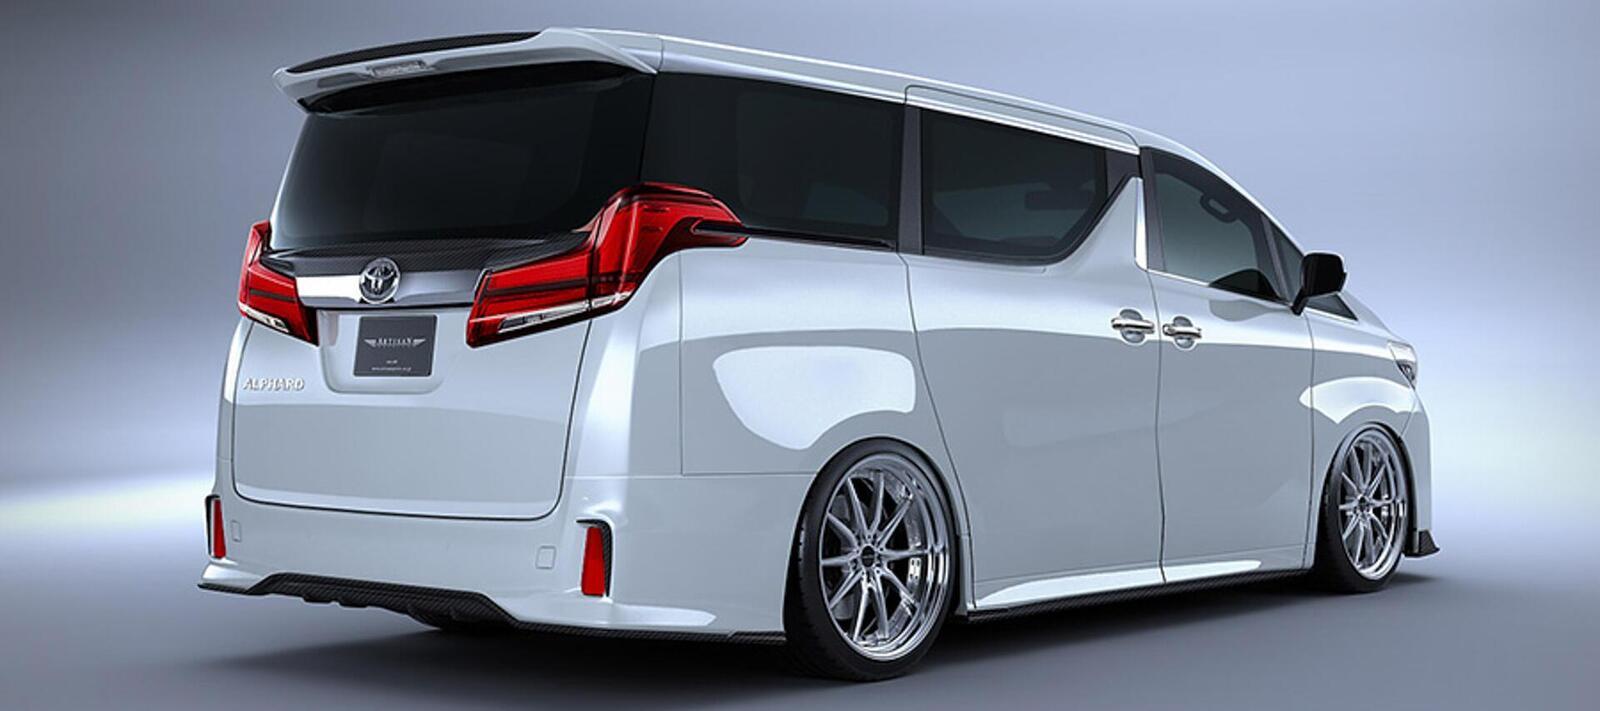 Chưa bán ra thị trường, Lexus LM đã có bản độ - Hình 4